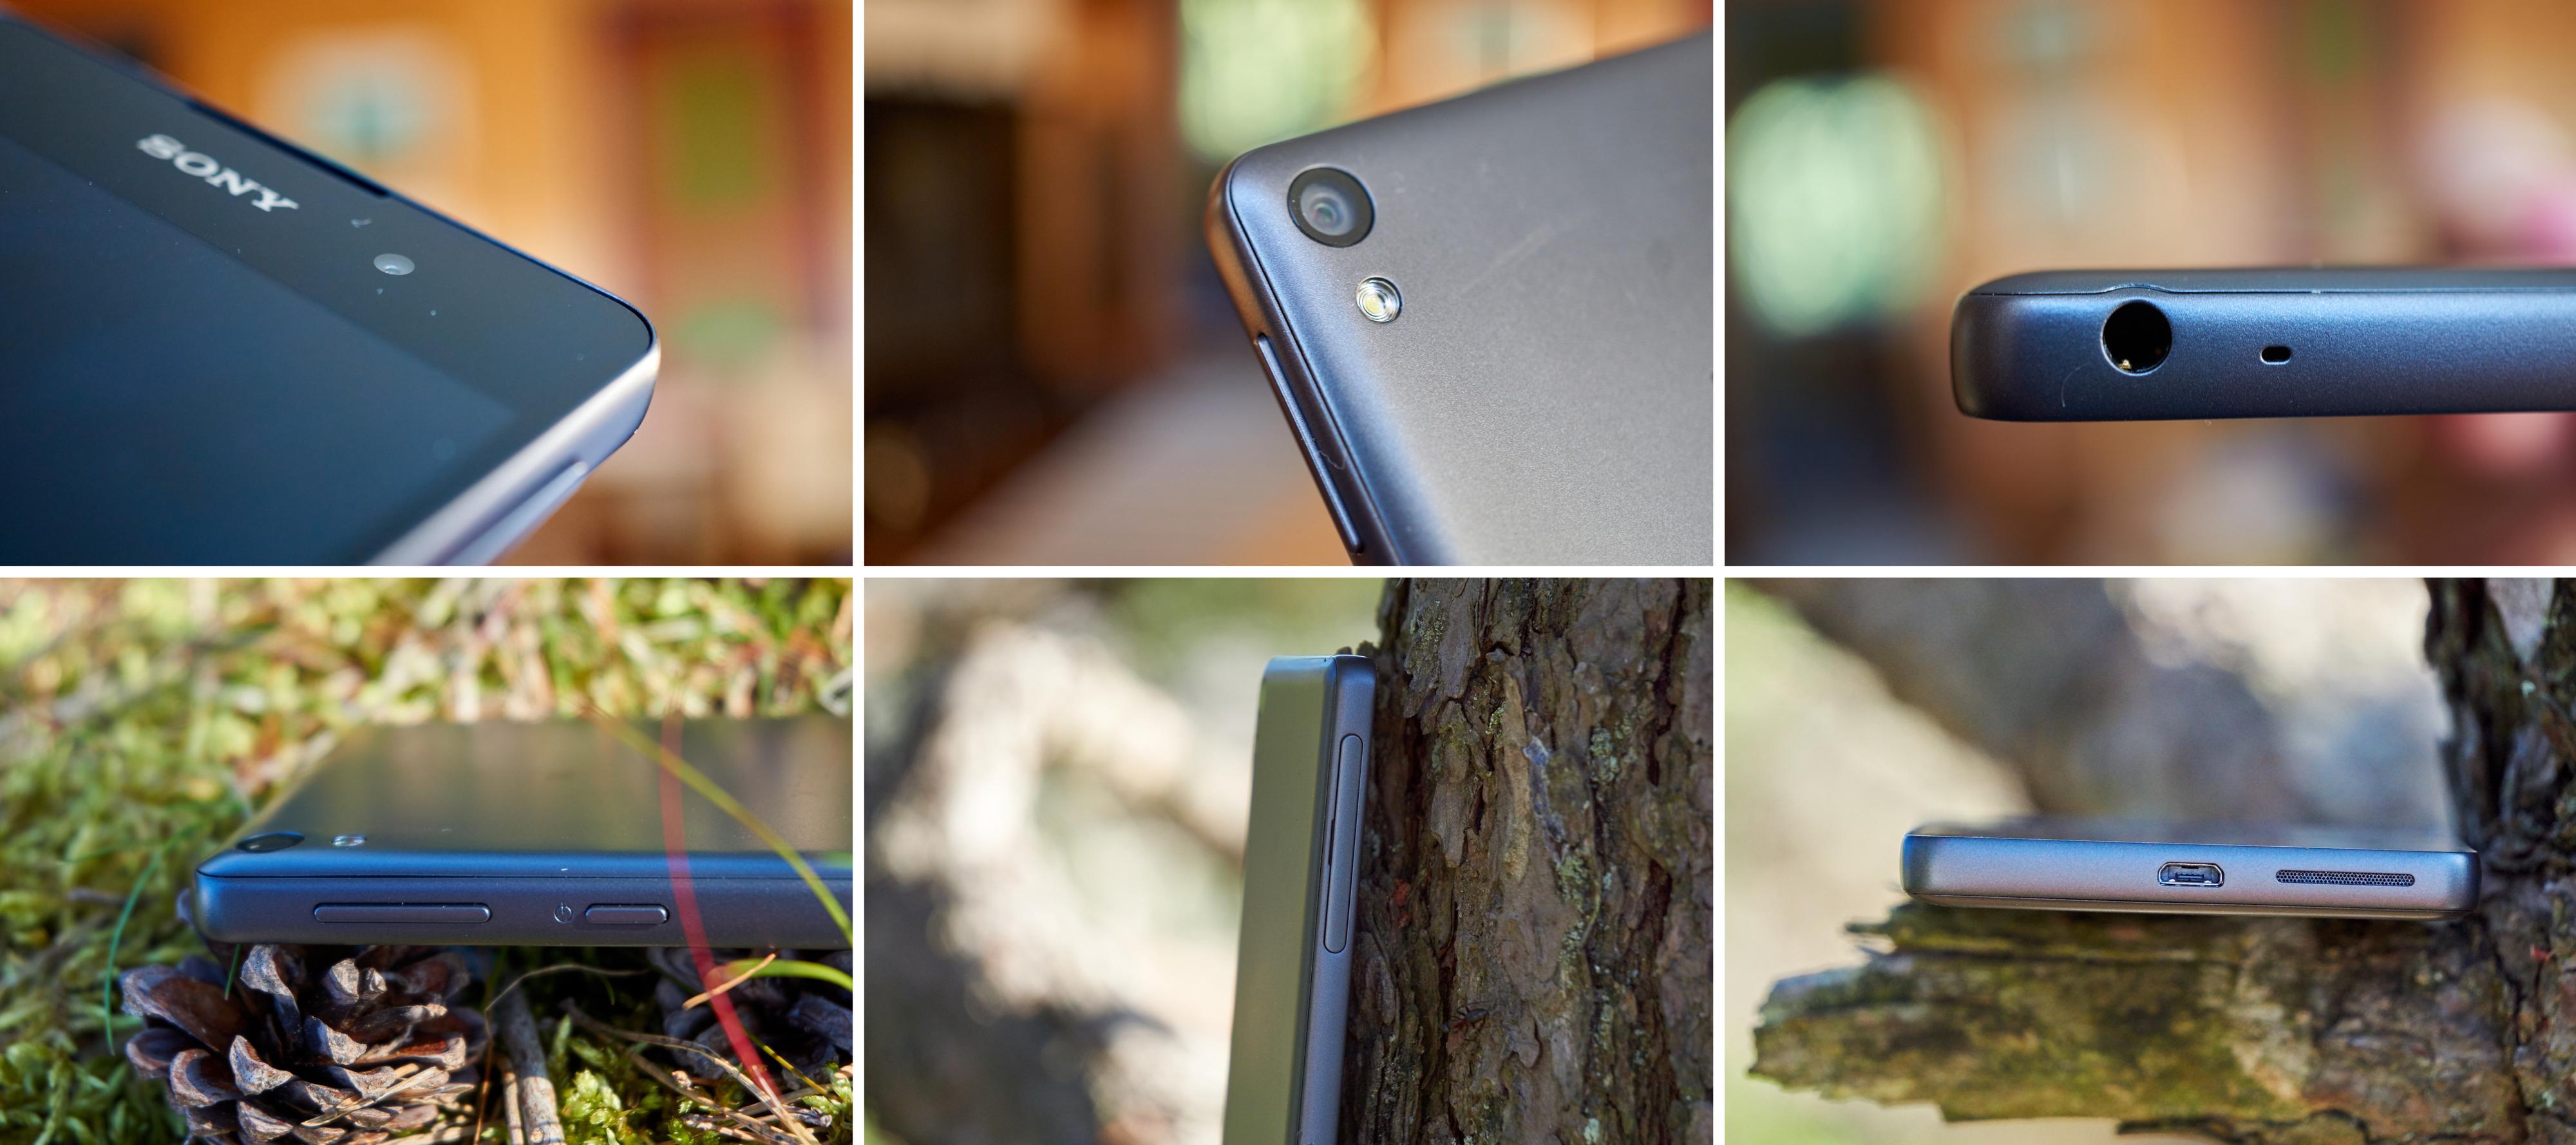 Xperia E5 er en stilren telefon, og rent umiddelbart ble vi lurt til å tro at rammen var av metall. Øverst til venstre kan du se den opphøyde rammen, og legg også merke til den avrundede baksiden.